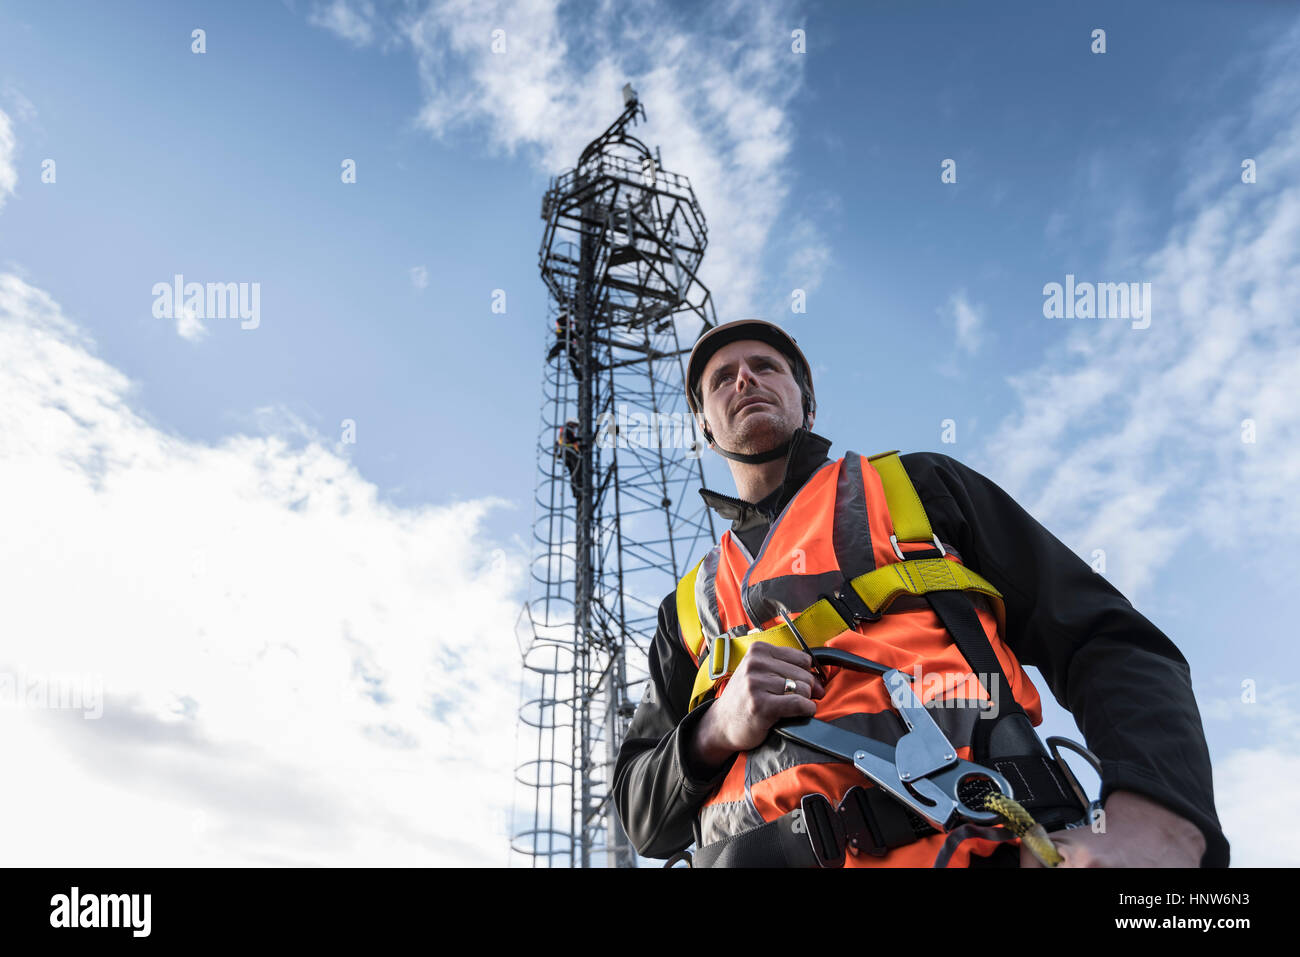 Torre de transmisión ingeniero con torre, vista de ángulo bajo Imagen De Stock